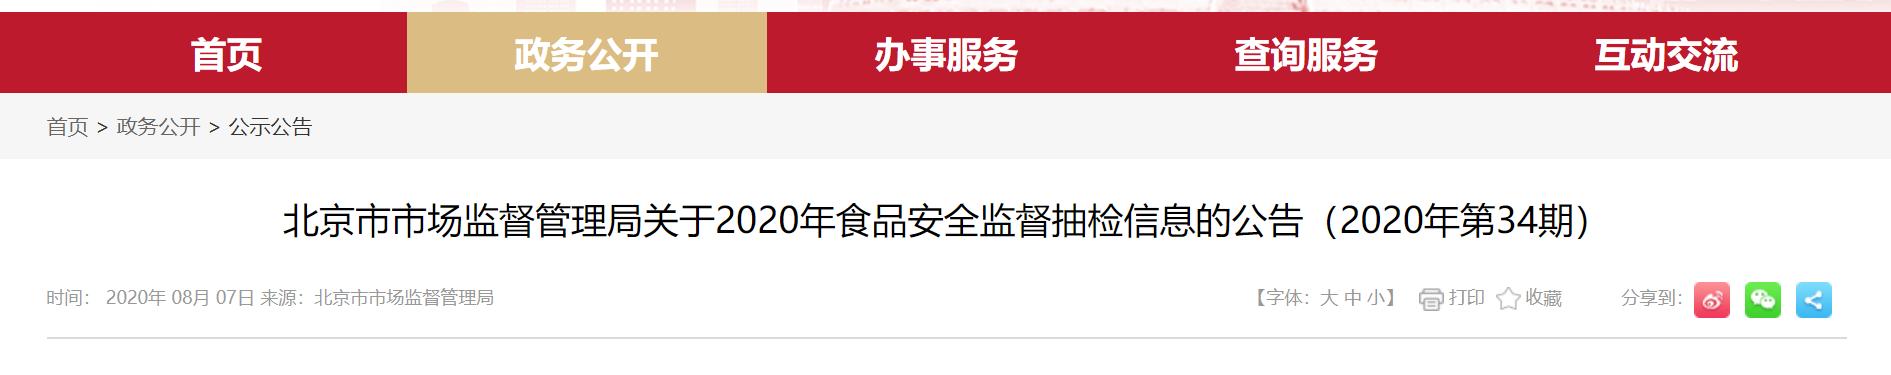 北京市市场监督管理局抽检122批